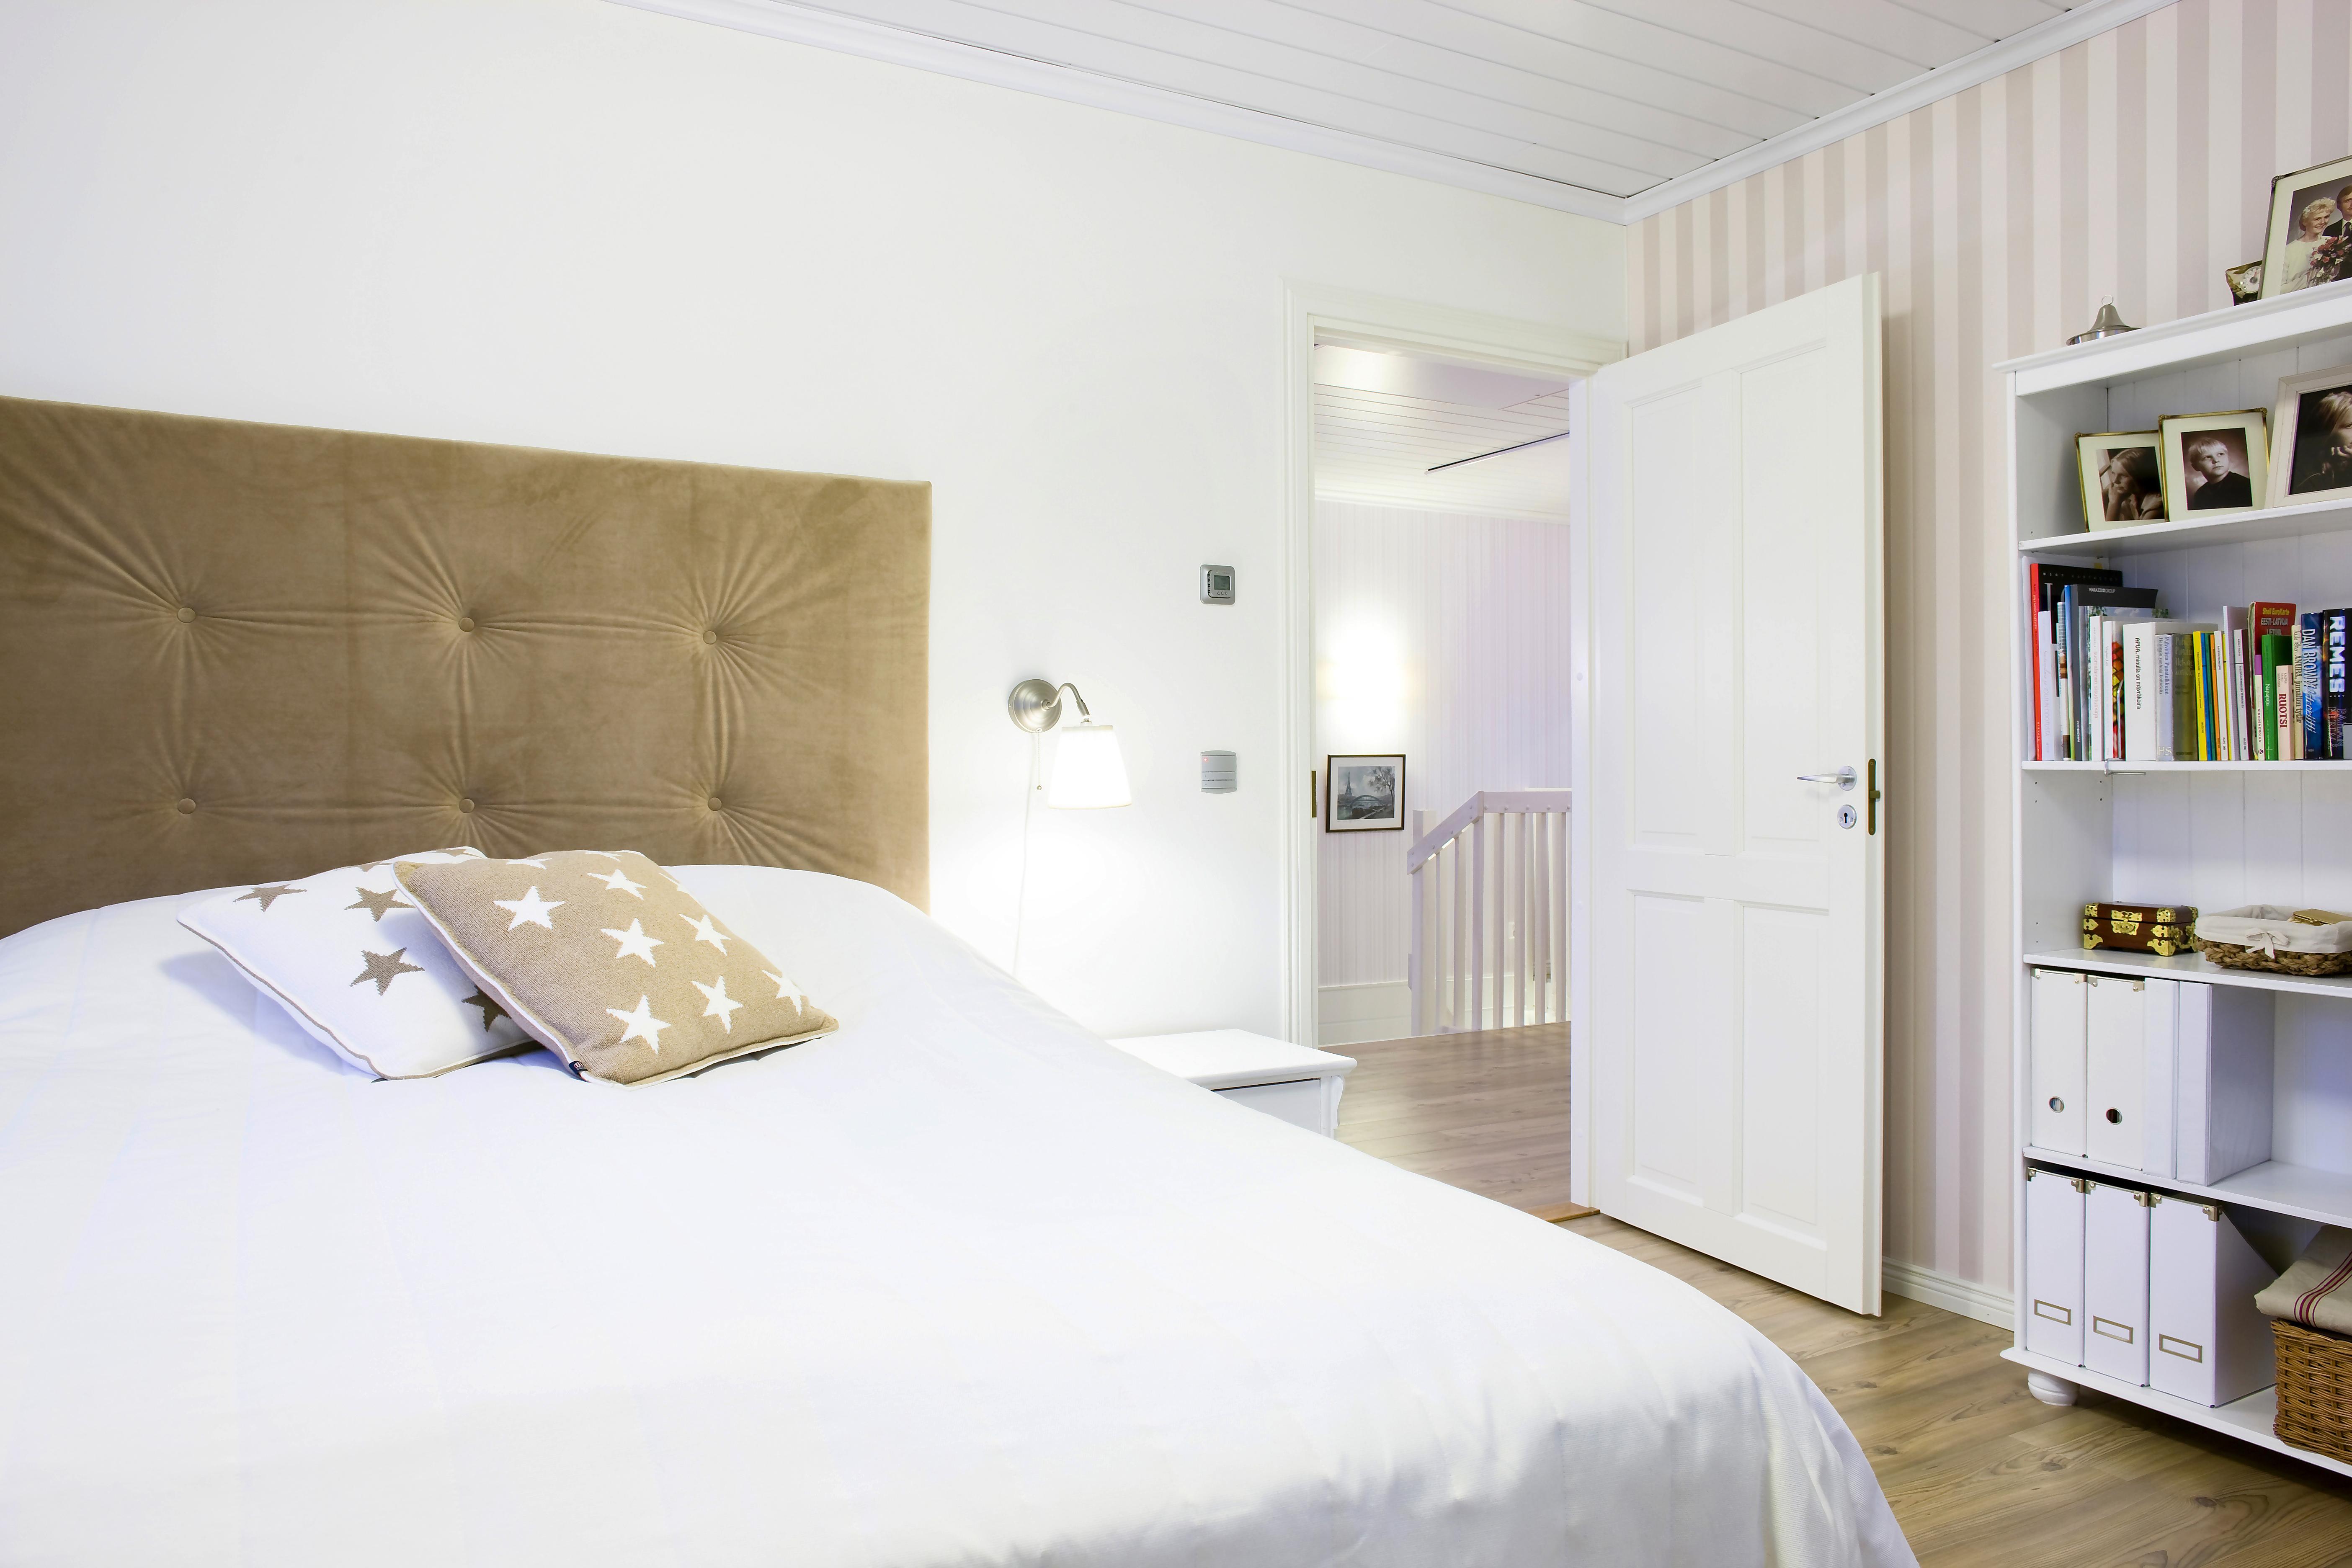 Makuuhuoneet, toinen wc ja kodinhoitohuone sijaitsevat yläkerrassa. Hiekanruskea ja valkoinen luovat rauhallisen tunnelman vanhempien makuuhuoneeseen. Sängynpääty on Riston tekemä.